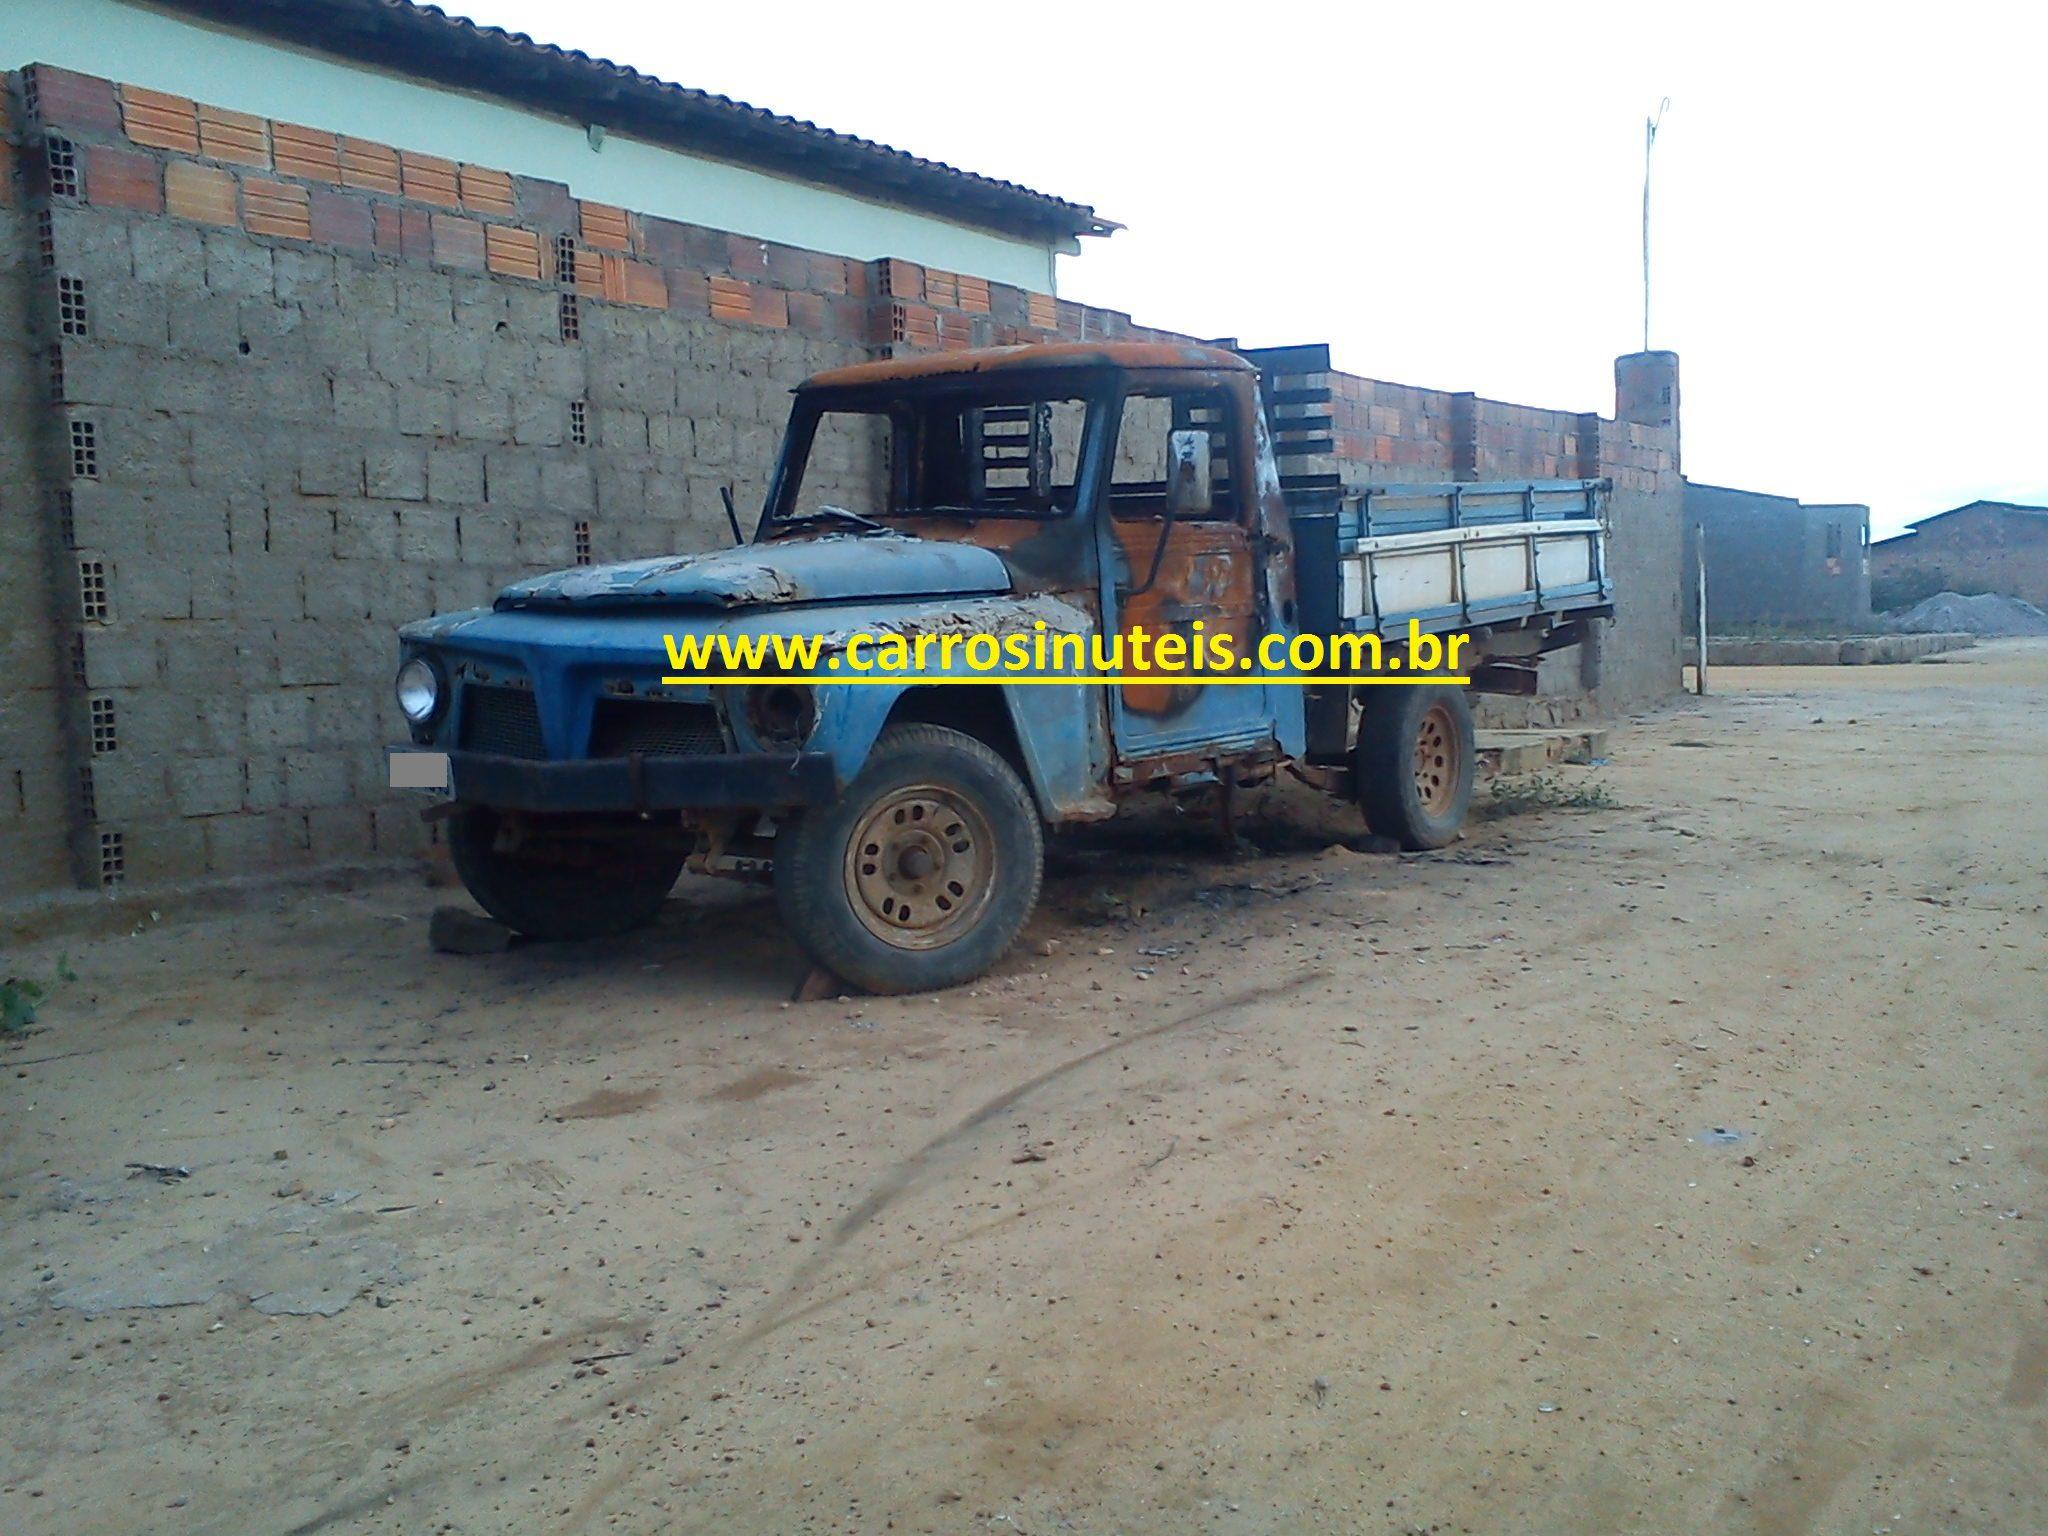 junin-ford-f75-maracas-bahia Ford F75, Maracás, Bahia, by Junin